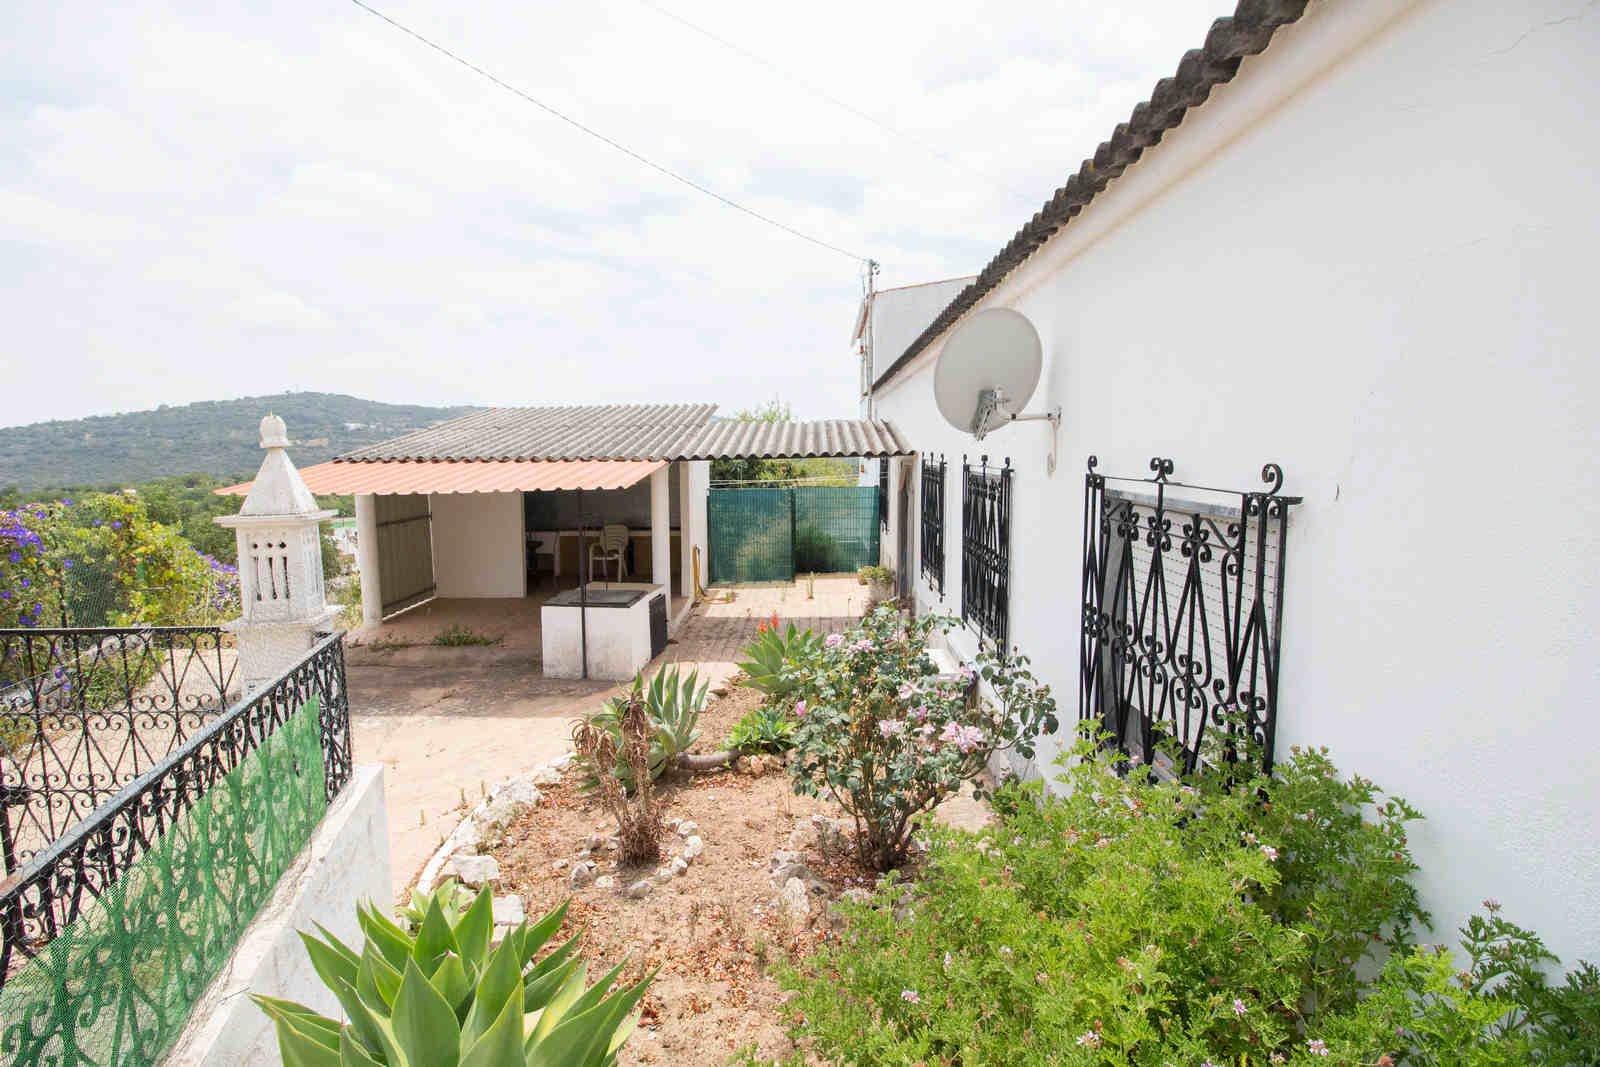 4 Bedroom Villa Sao Bras de Alportel, Central Algarve Ref: PV3493